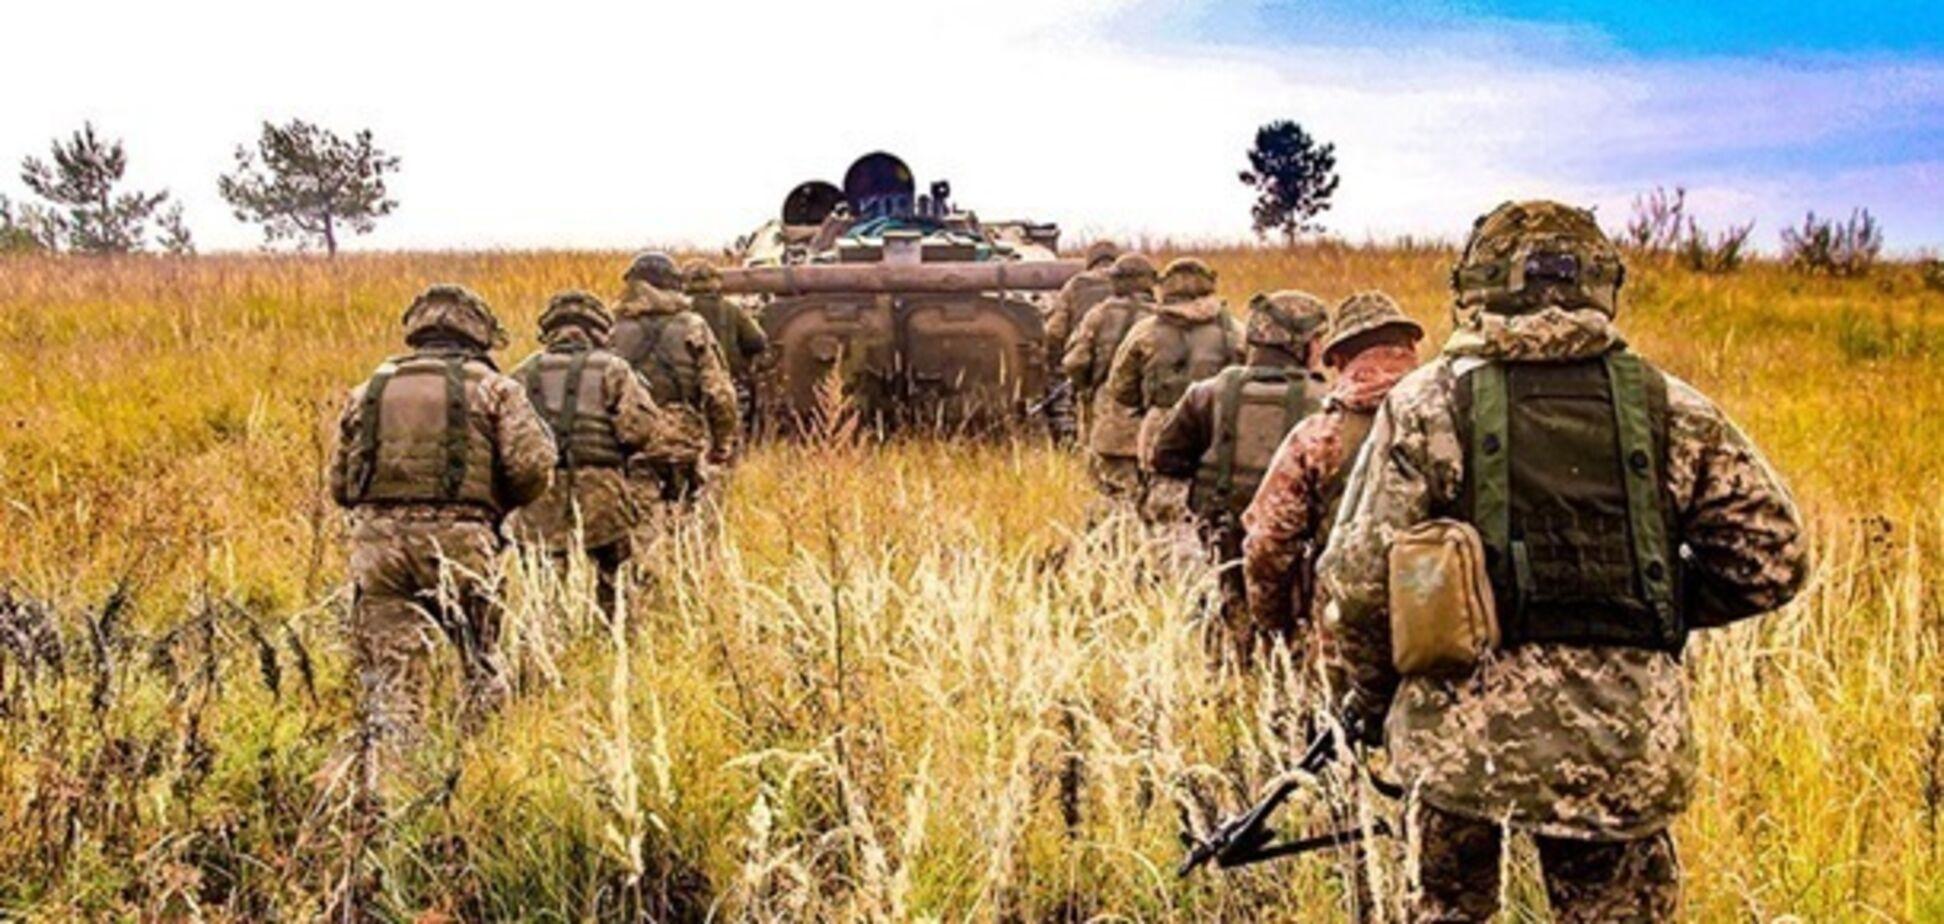 'Контра' в оборонних закупівлях: Янукович про таке міг би лише мріяти